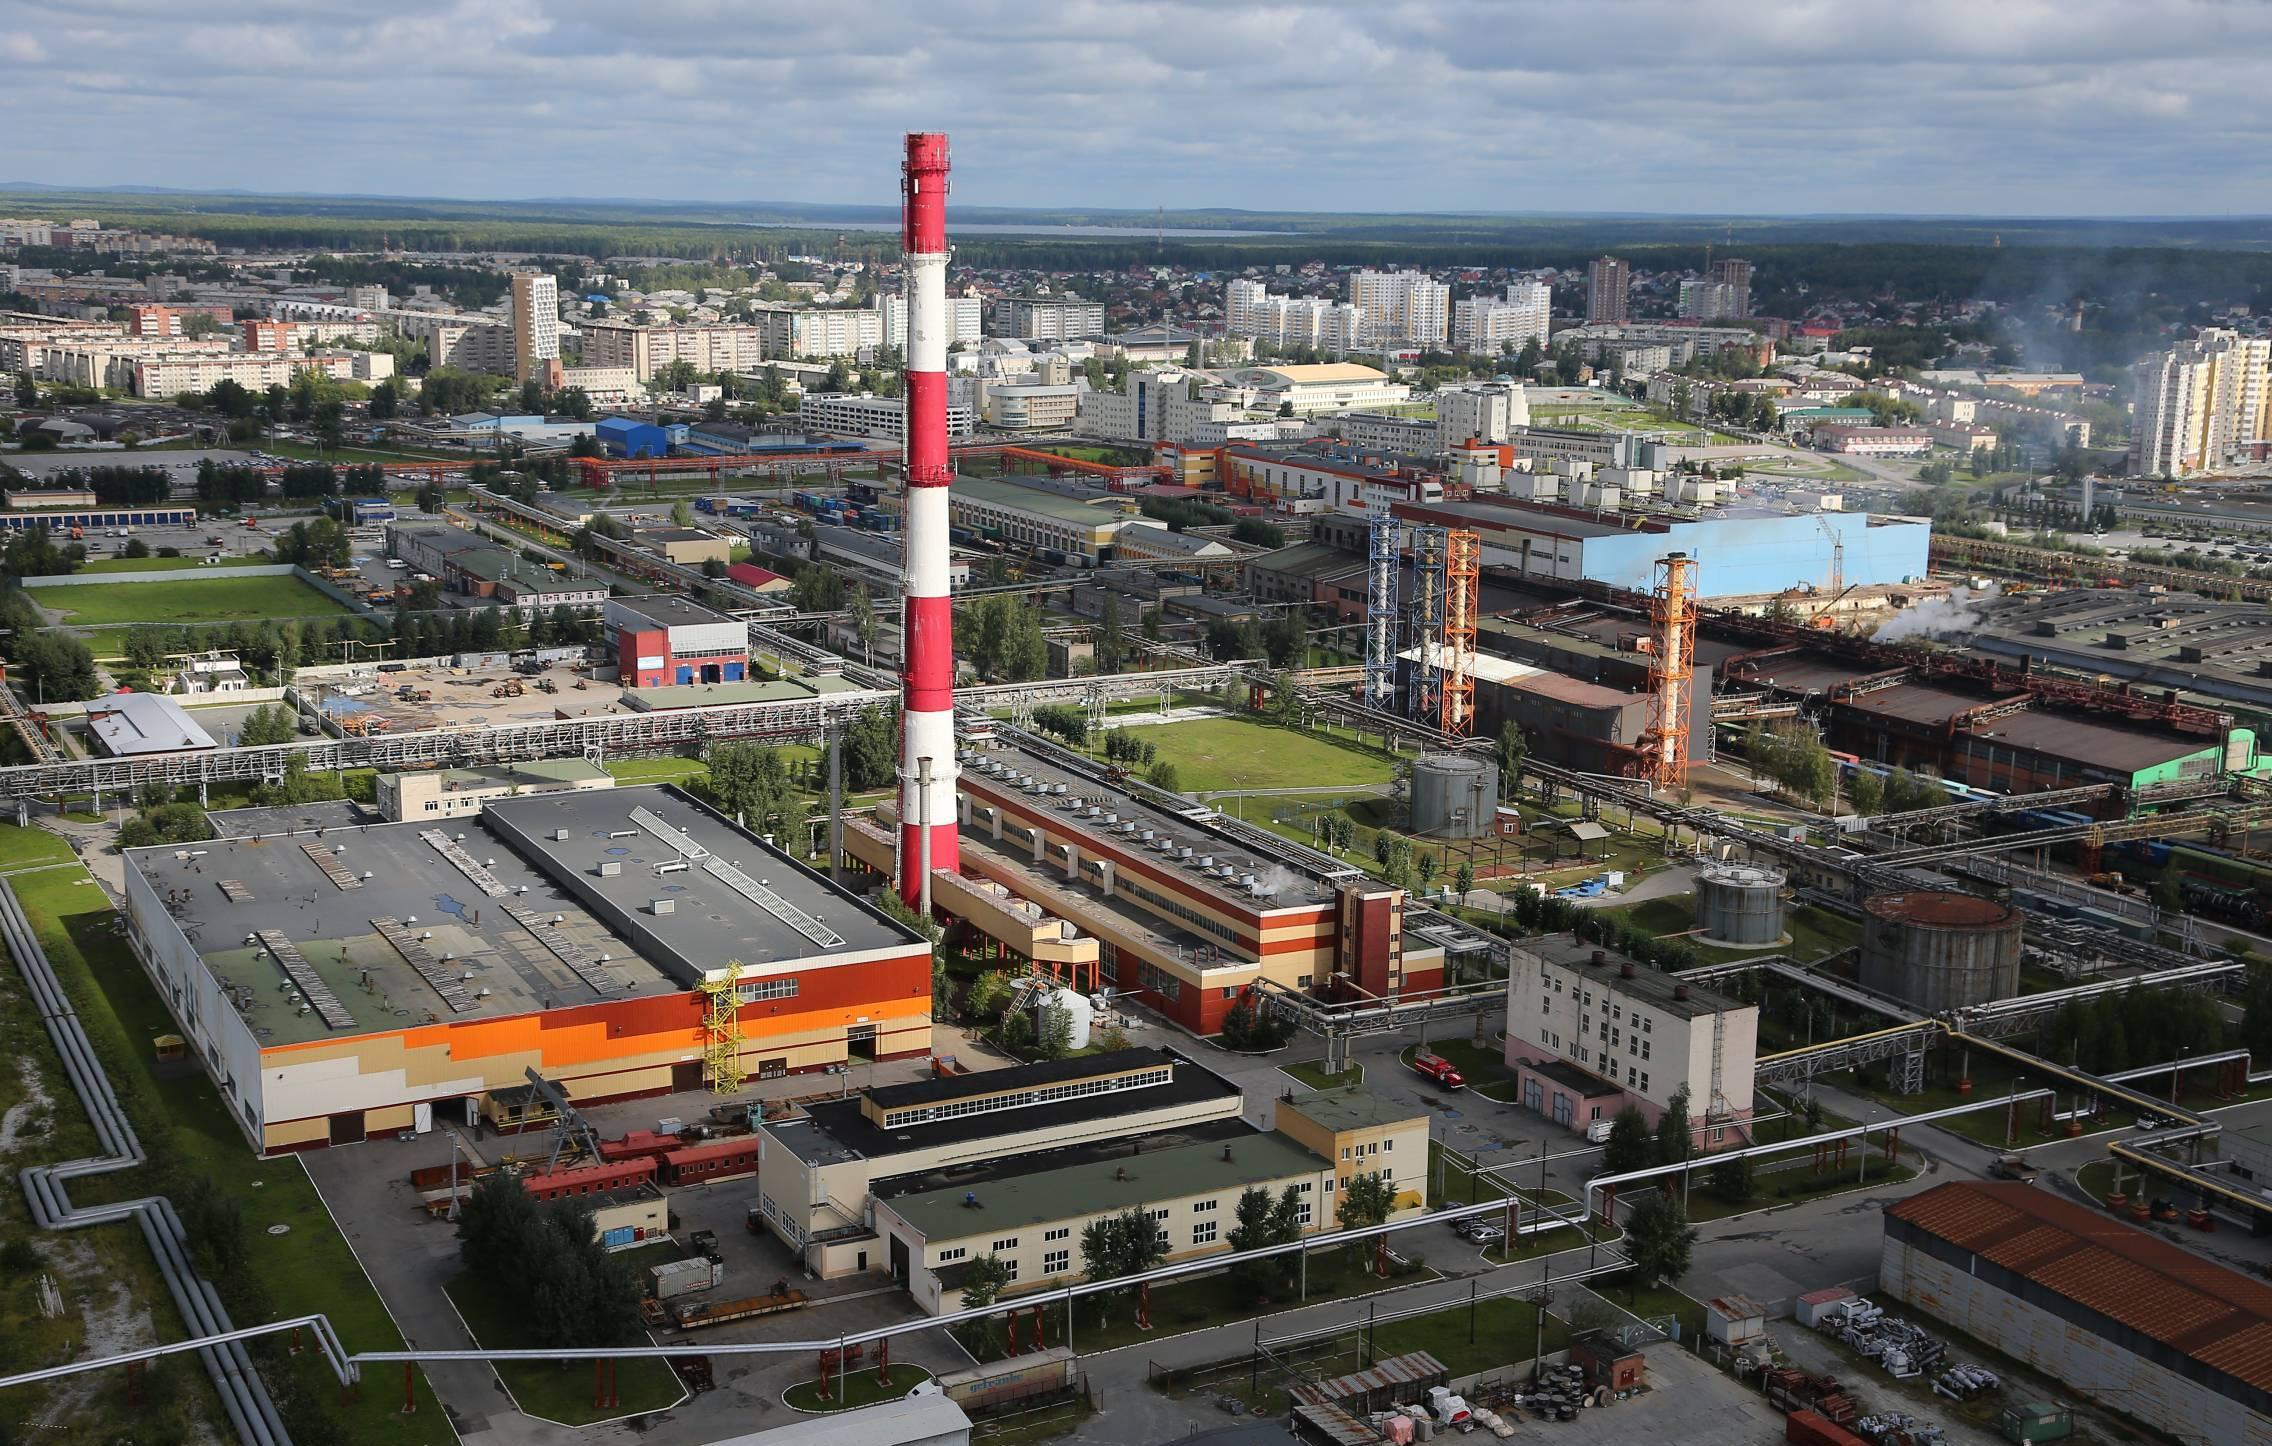 МКБ начал сотрудничество с ГК УГМК в рамках торгового финансирования - новости Афанасий